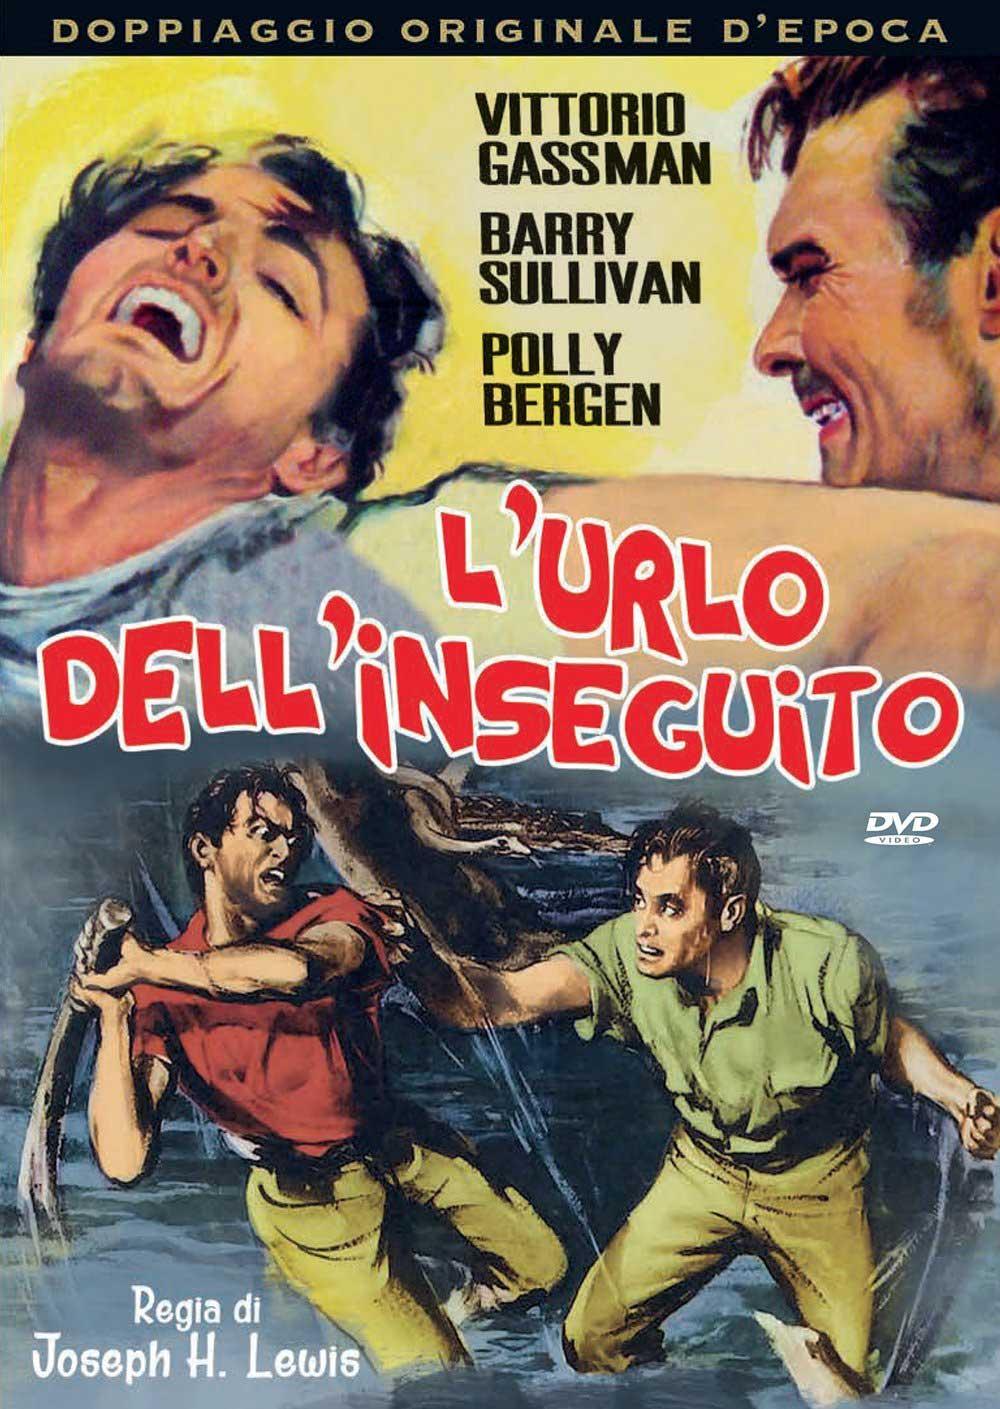 L'URLO DELL'INSEGUITO (DVD)